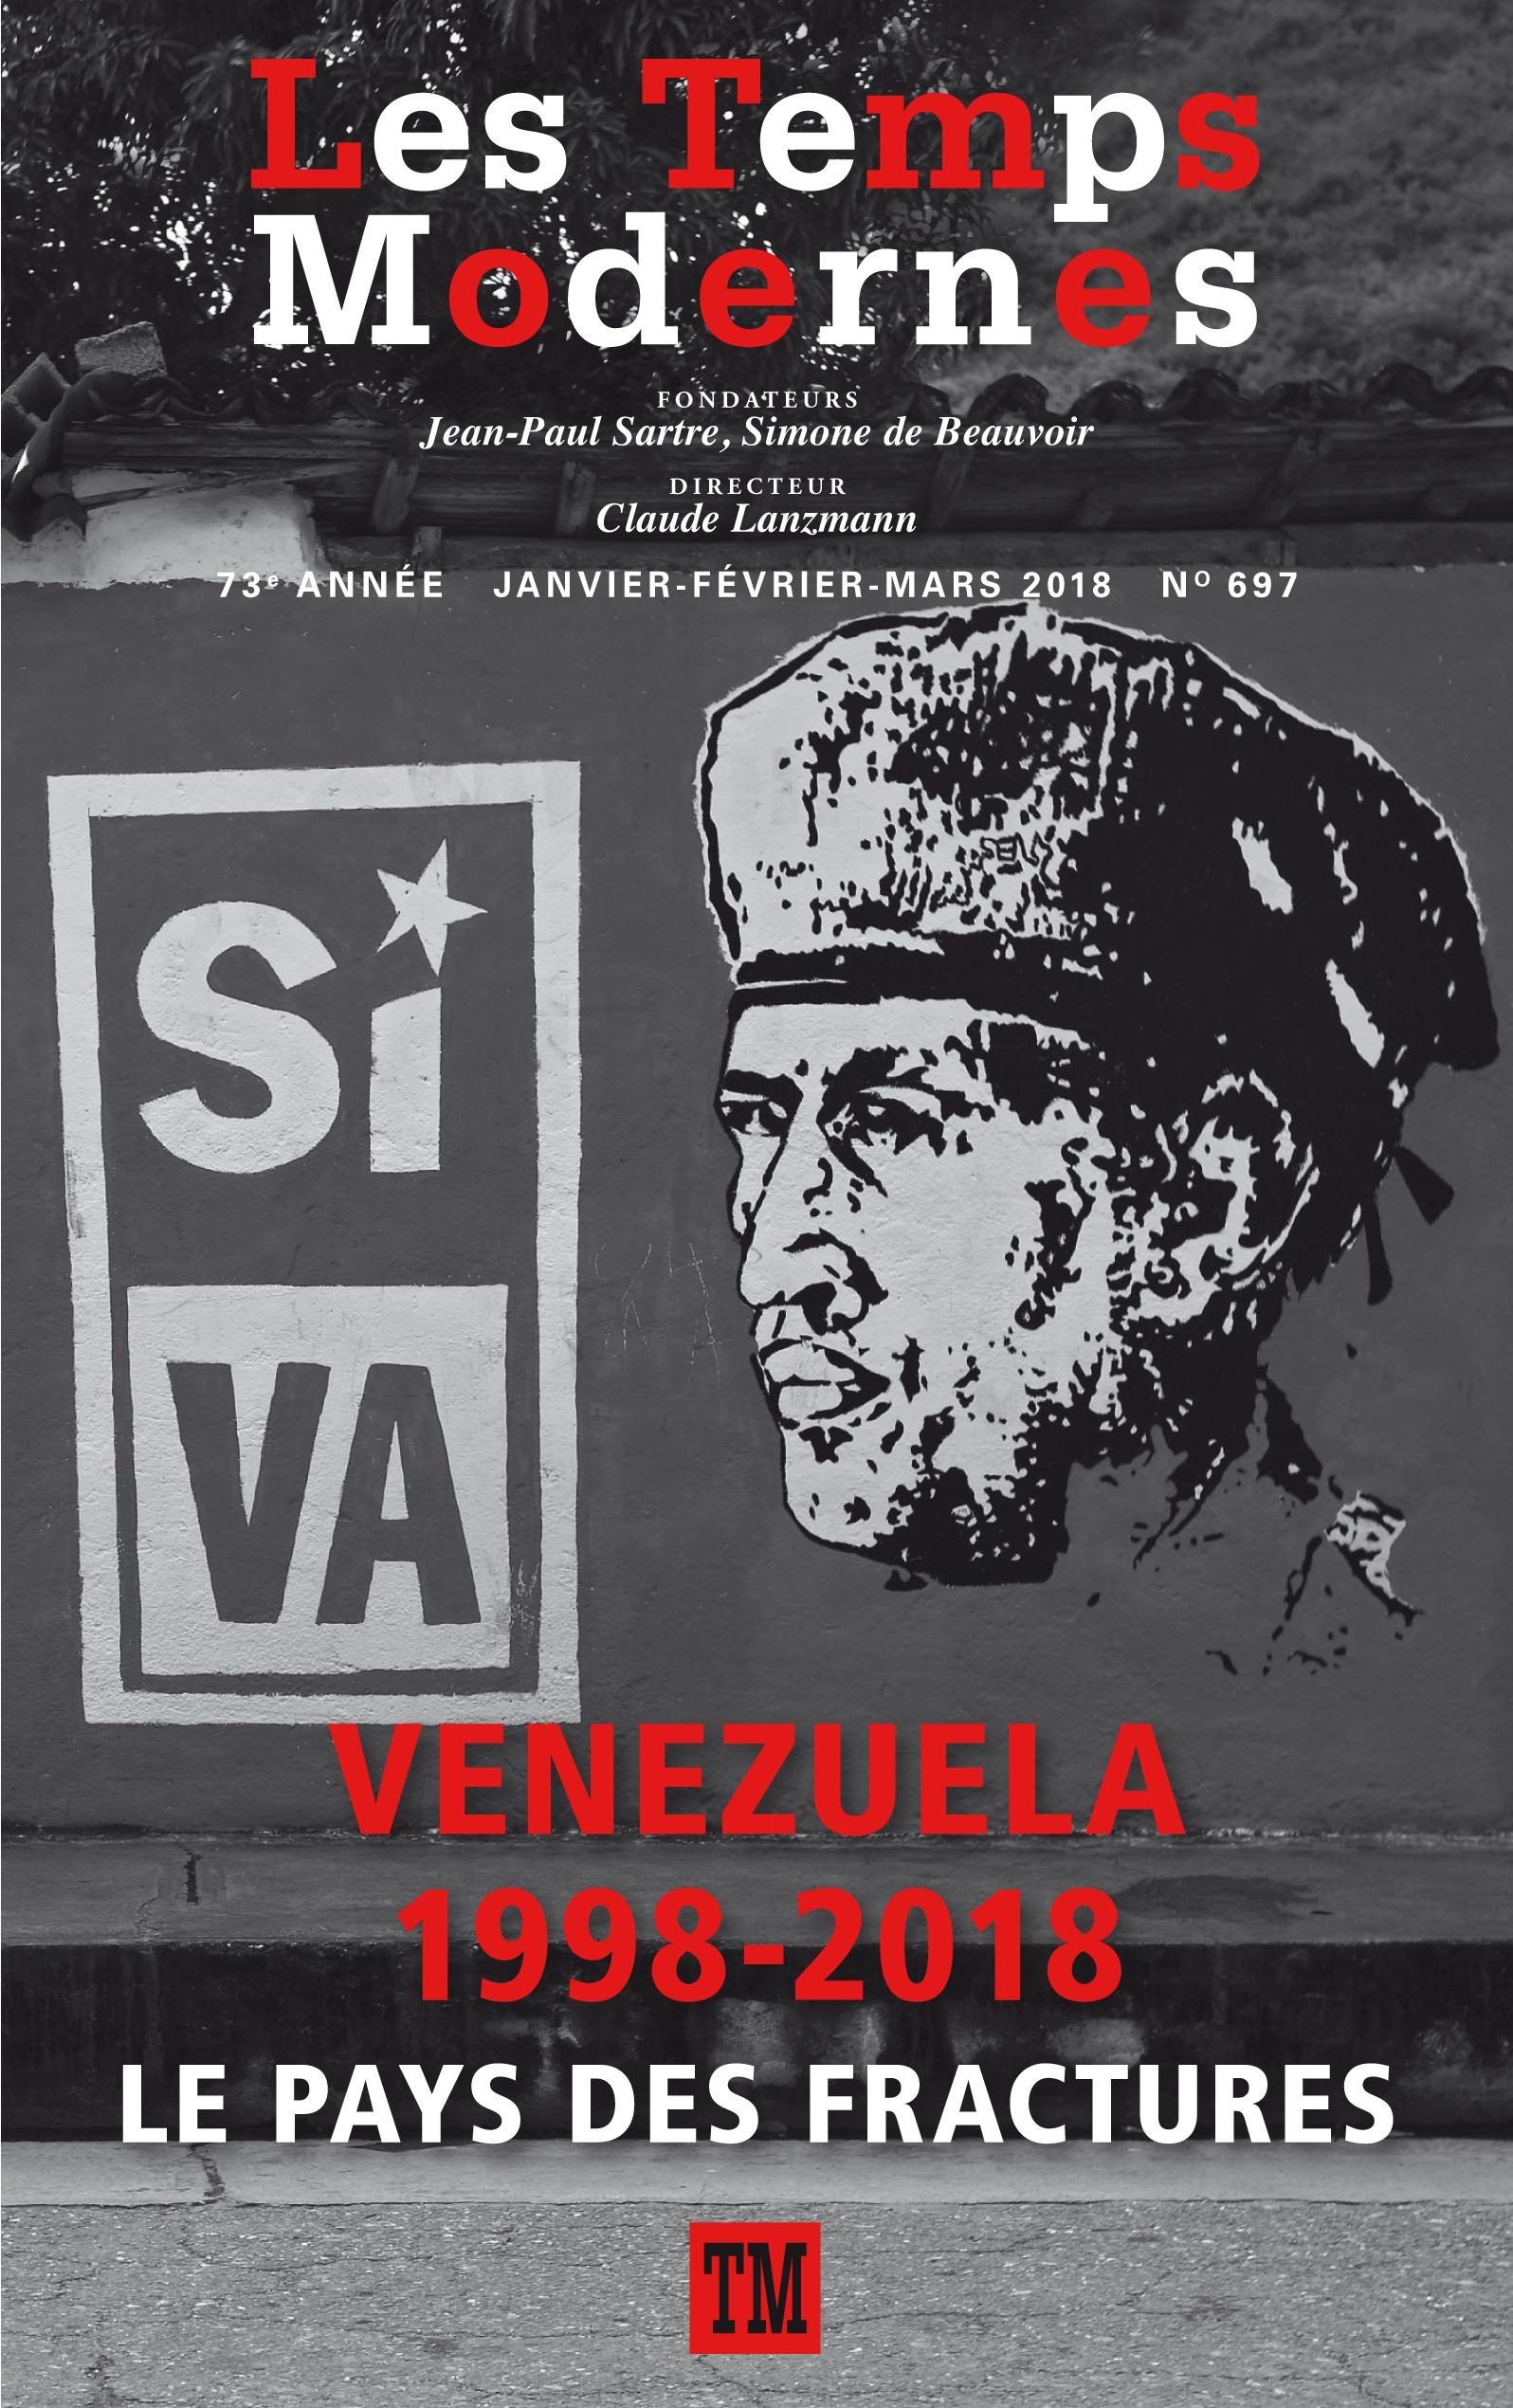 Vénézuélien en ligne datant